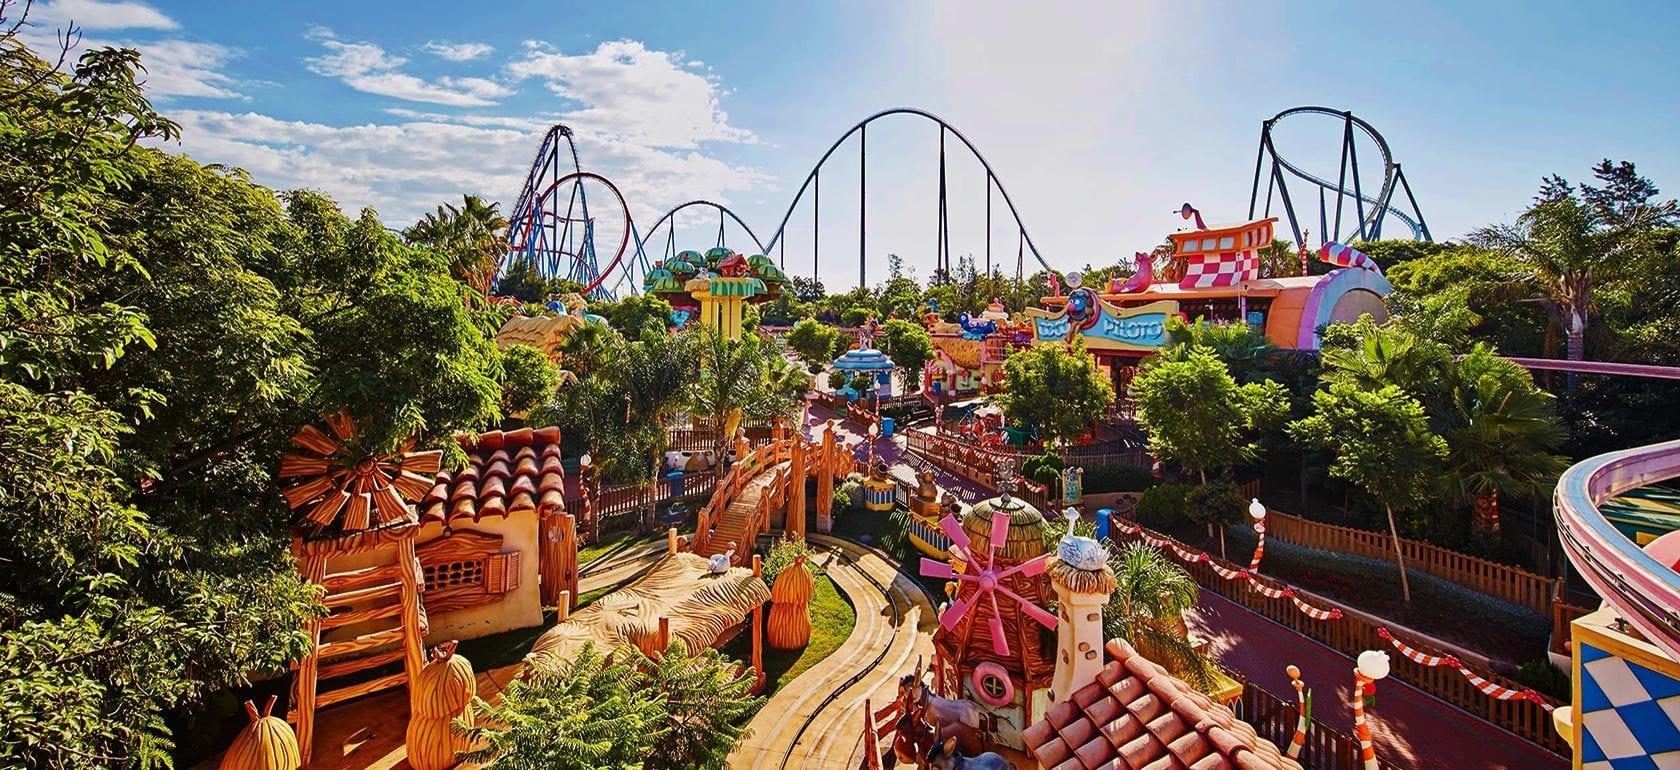 Parque de Atracciones de PortAventura